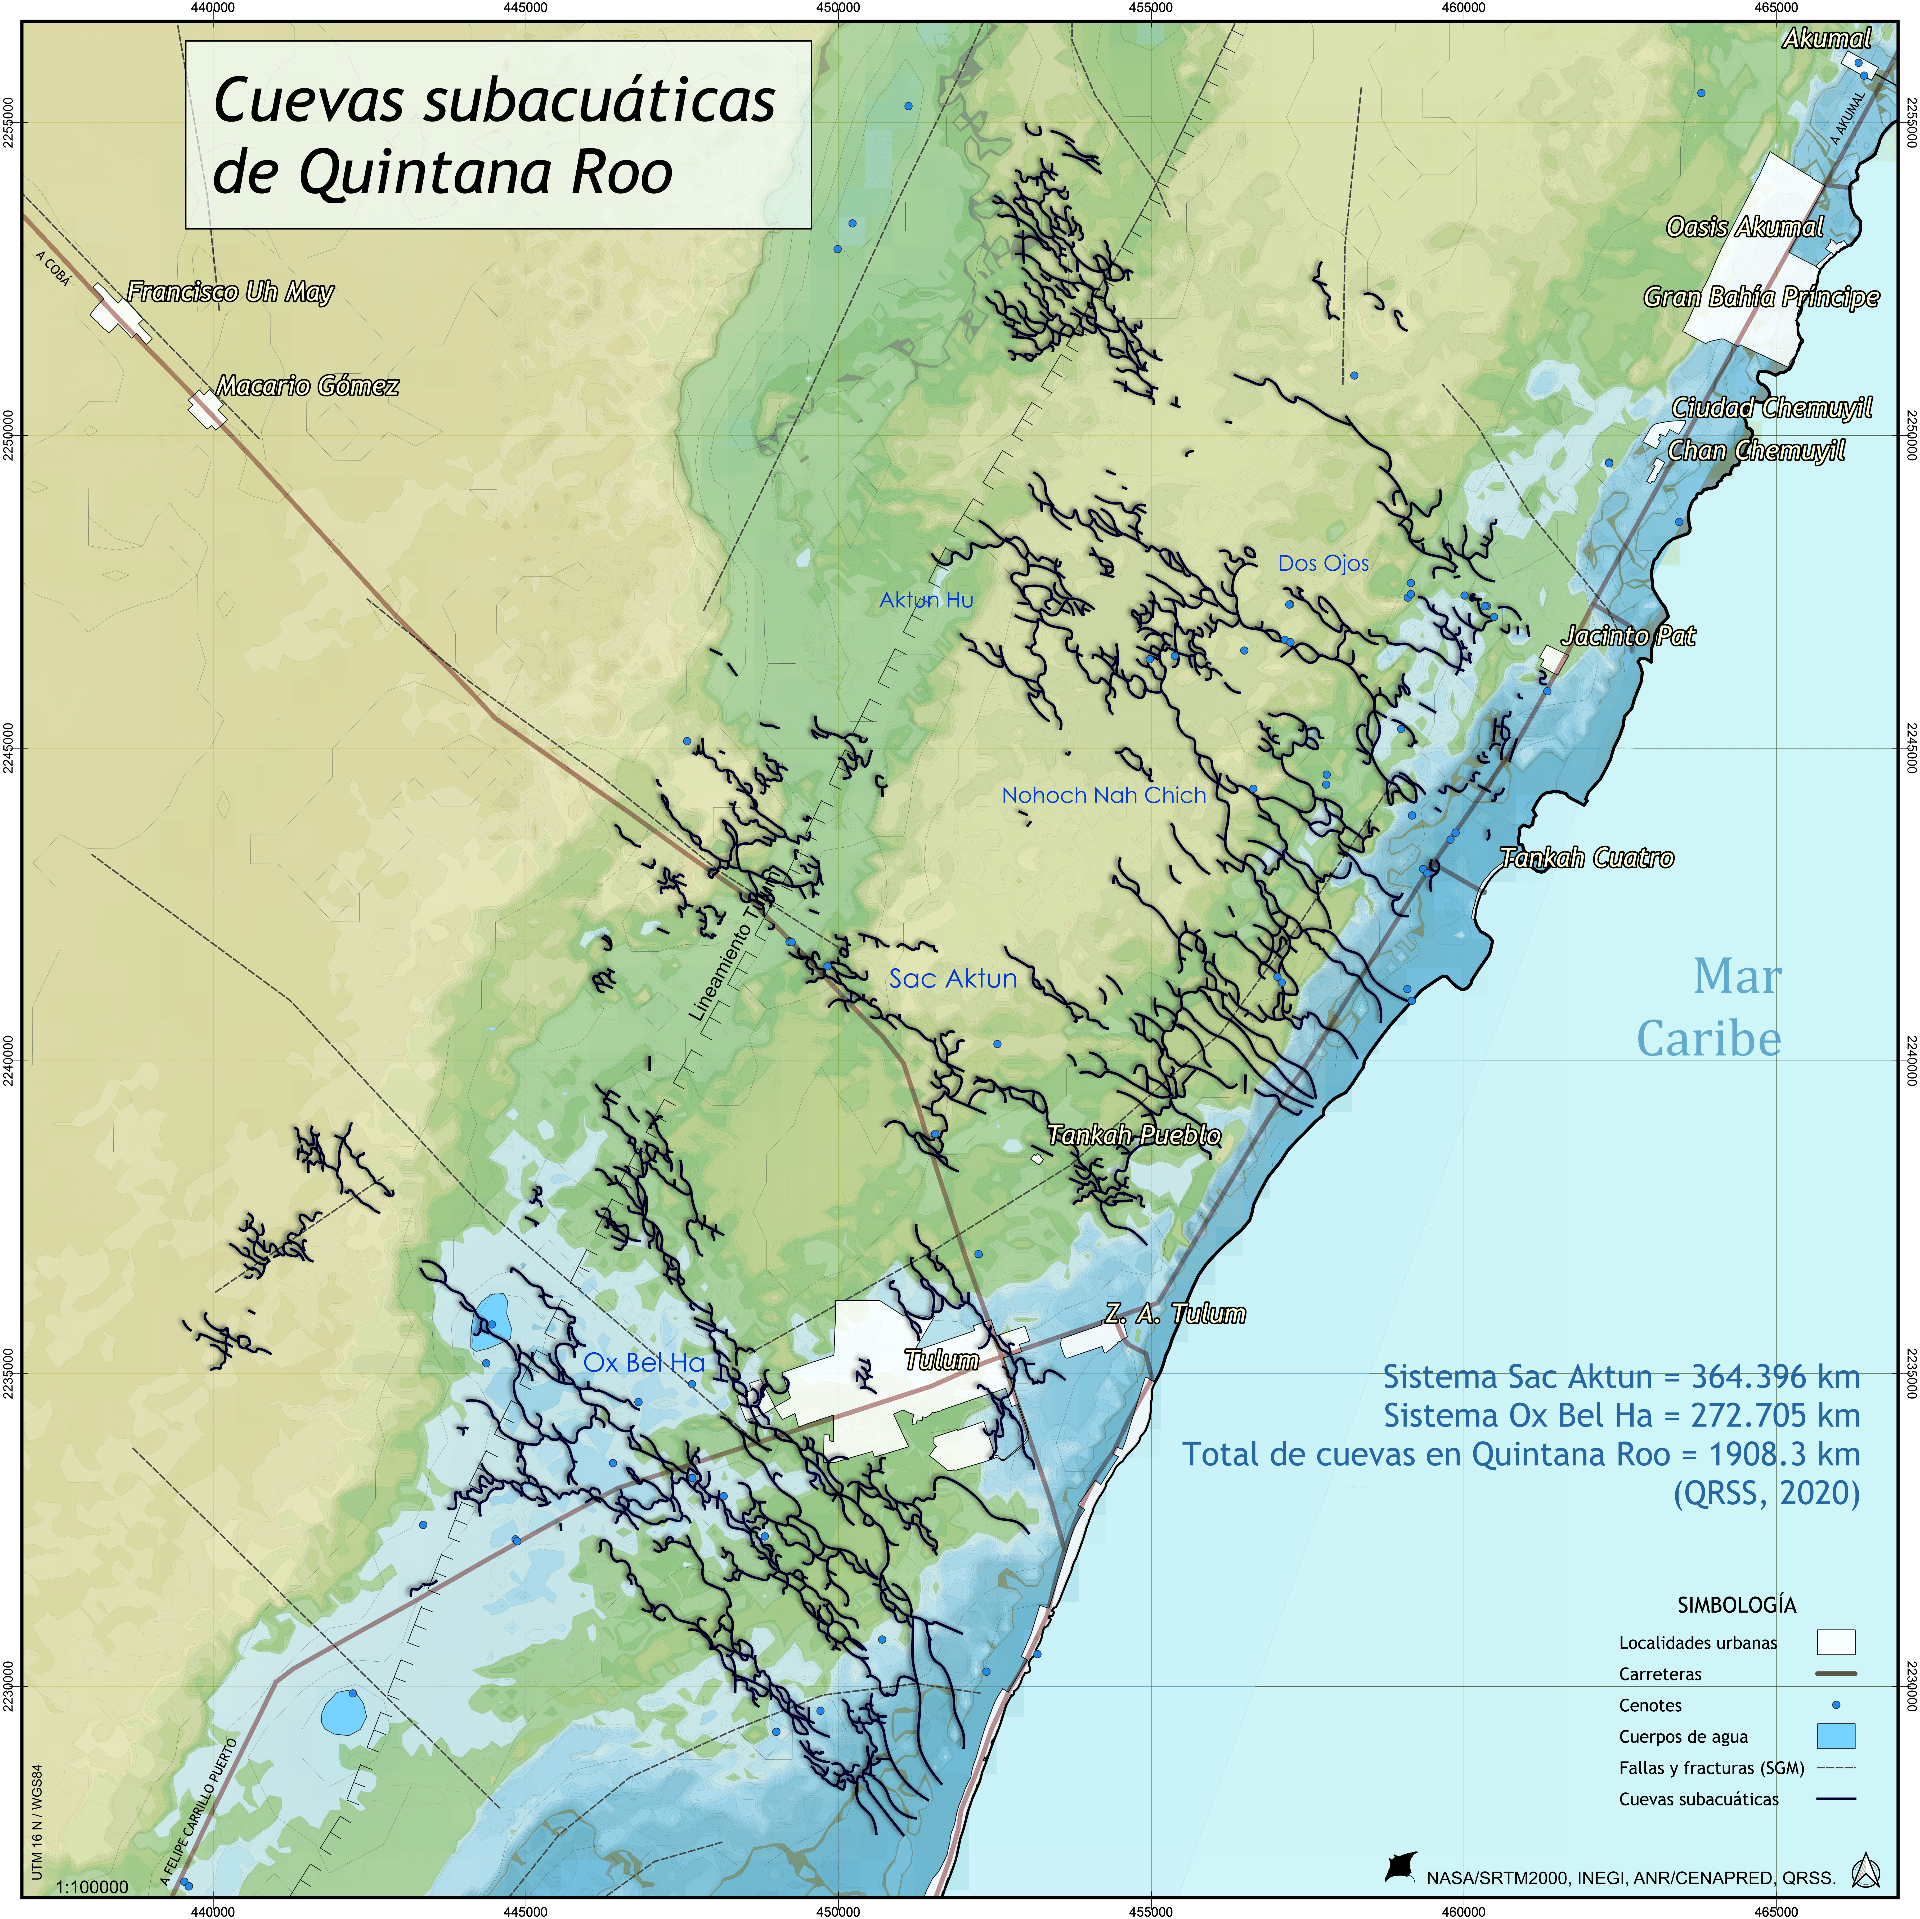 Cuevas subacuáticas de Quintana Roo